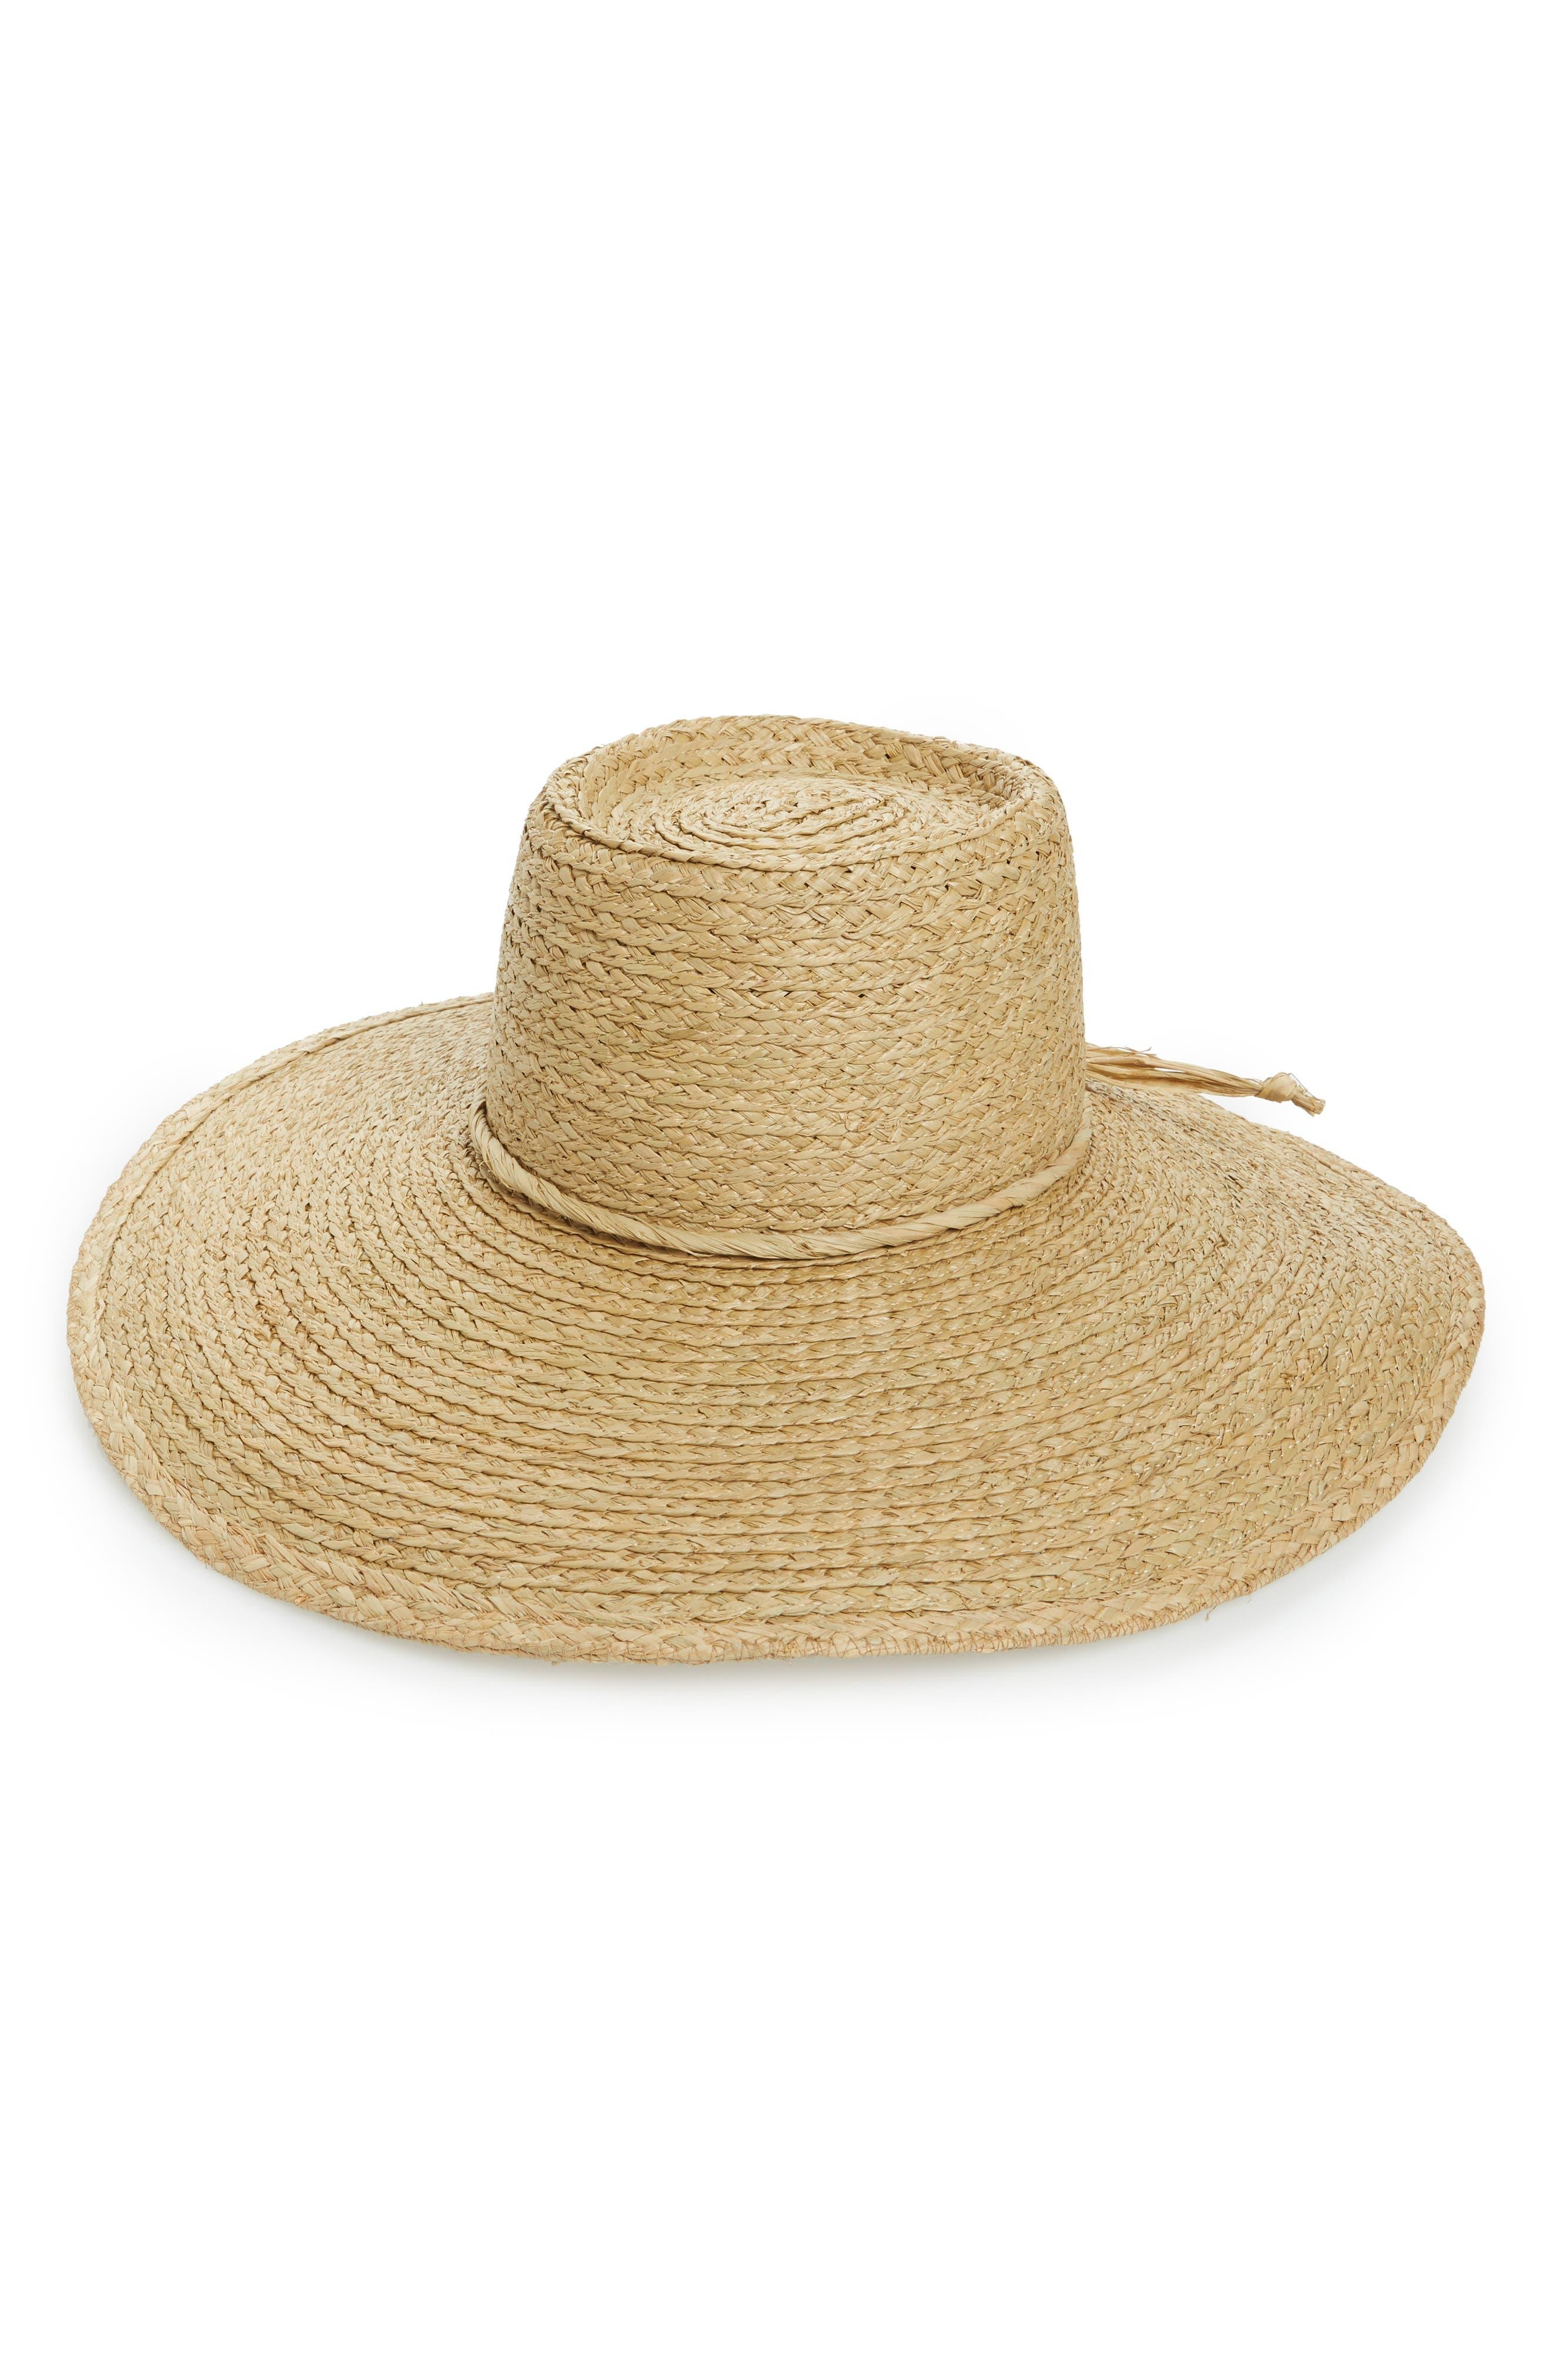 Paite Raffia Floppy Hat,                         Main,                         color, Tan